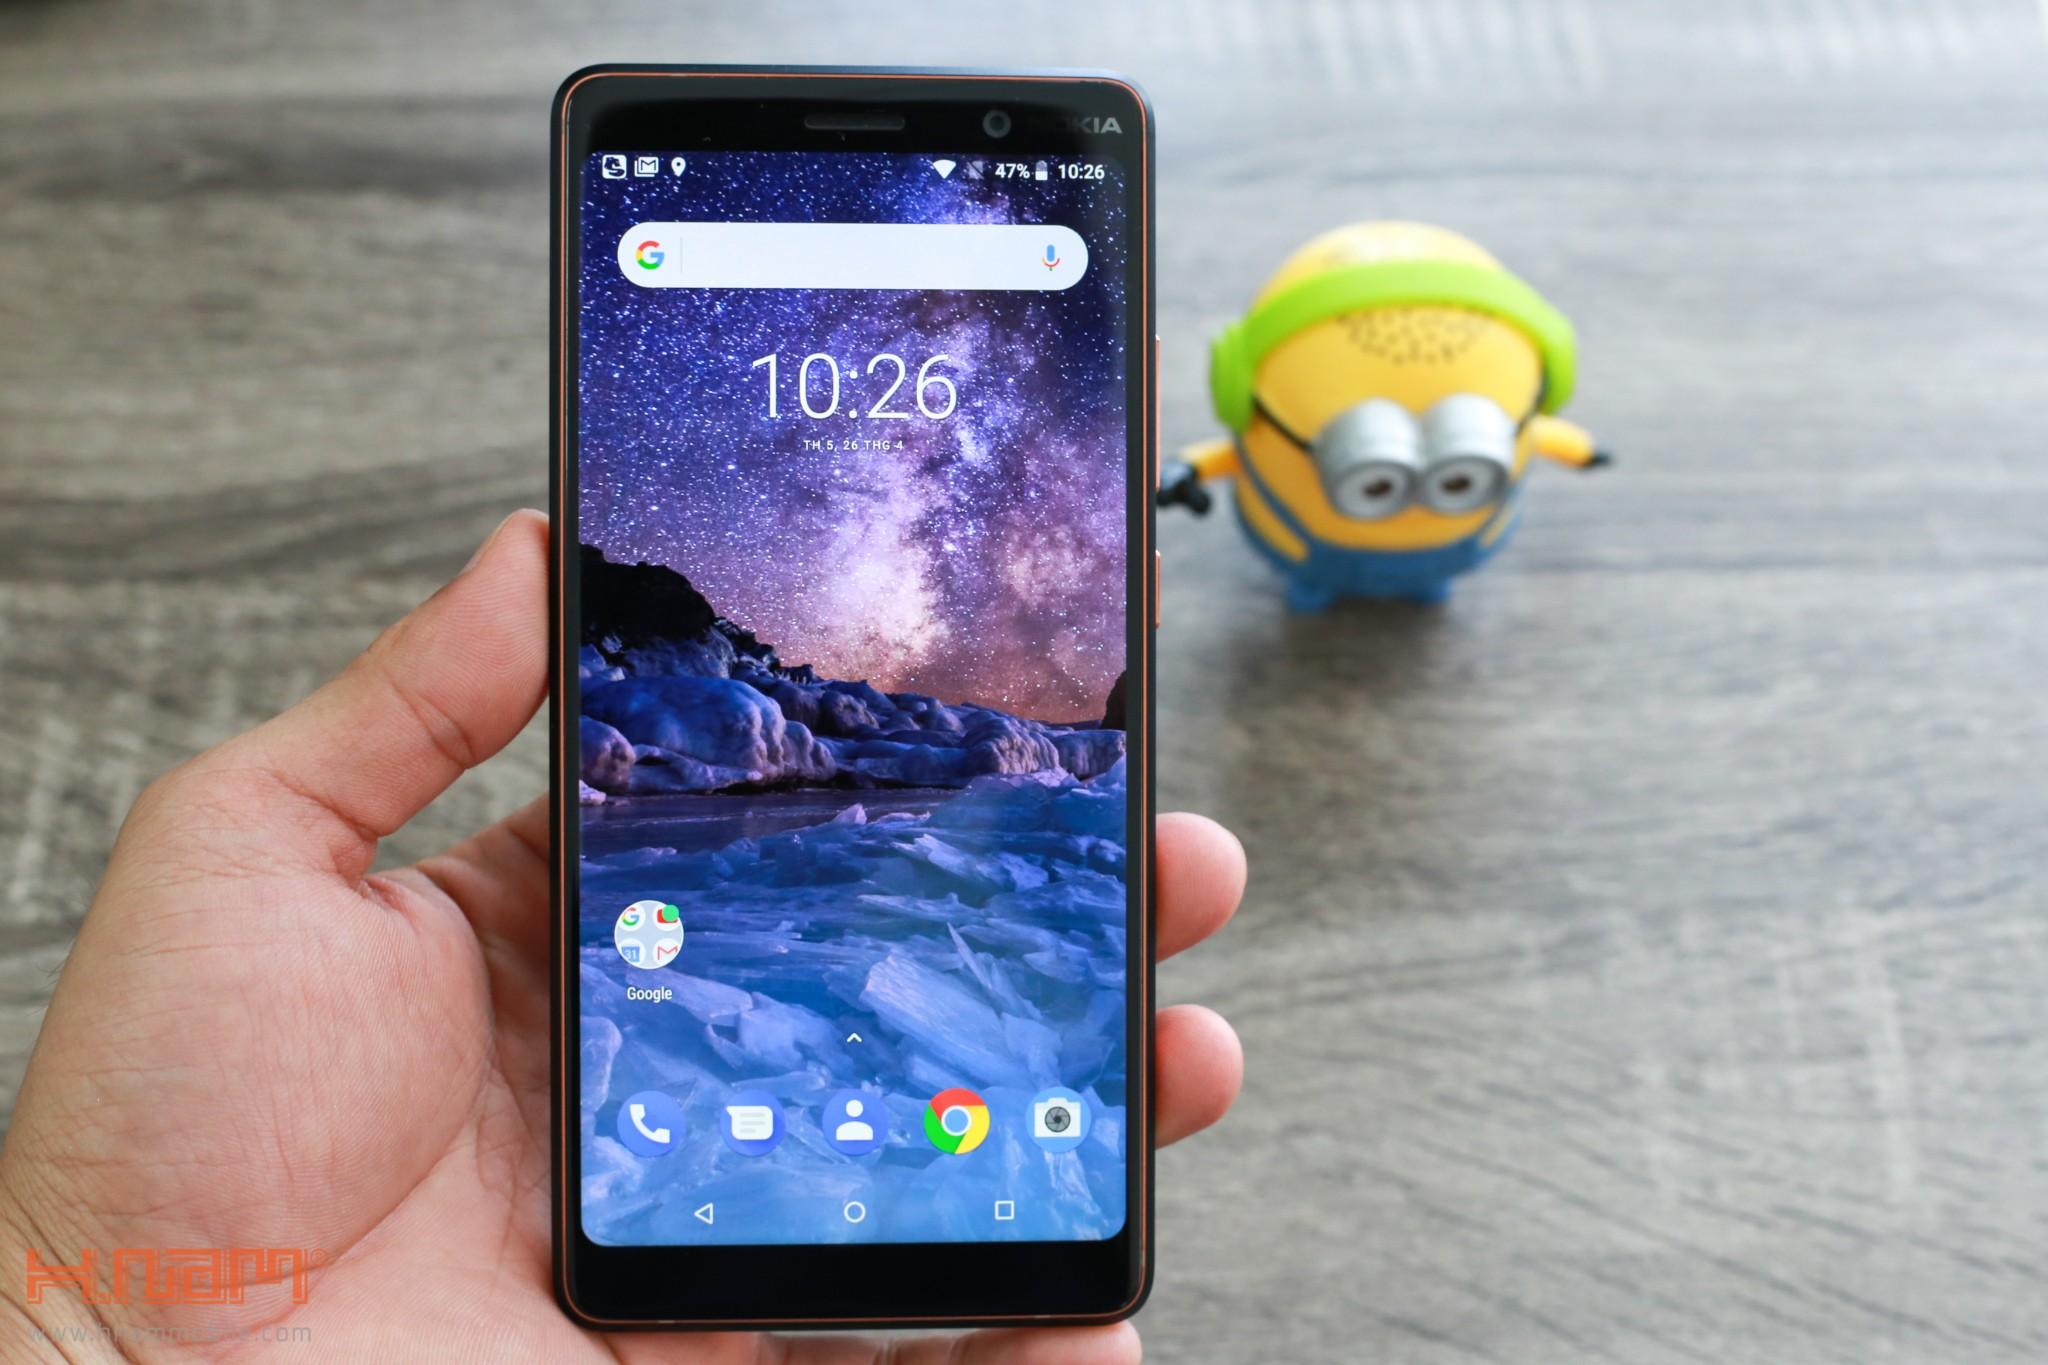 Trên tay Nokia 7 Plus: Smartphone Nokia đầu tiên có màn hình 18:9 hình 11